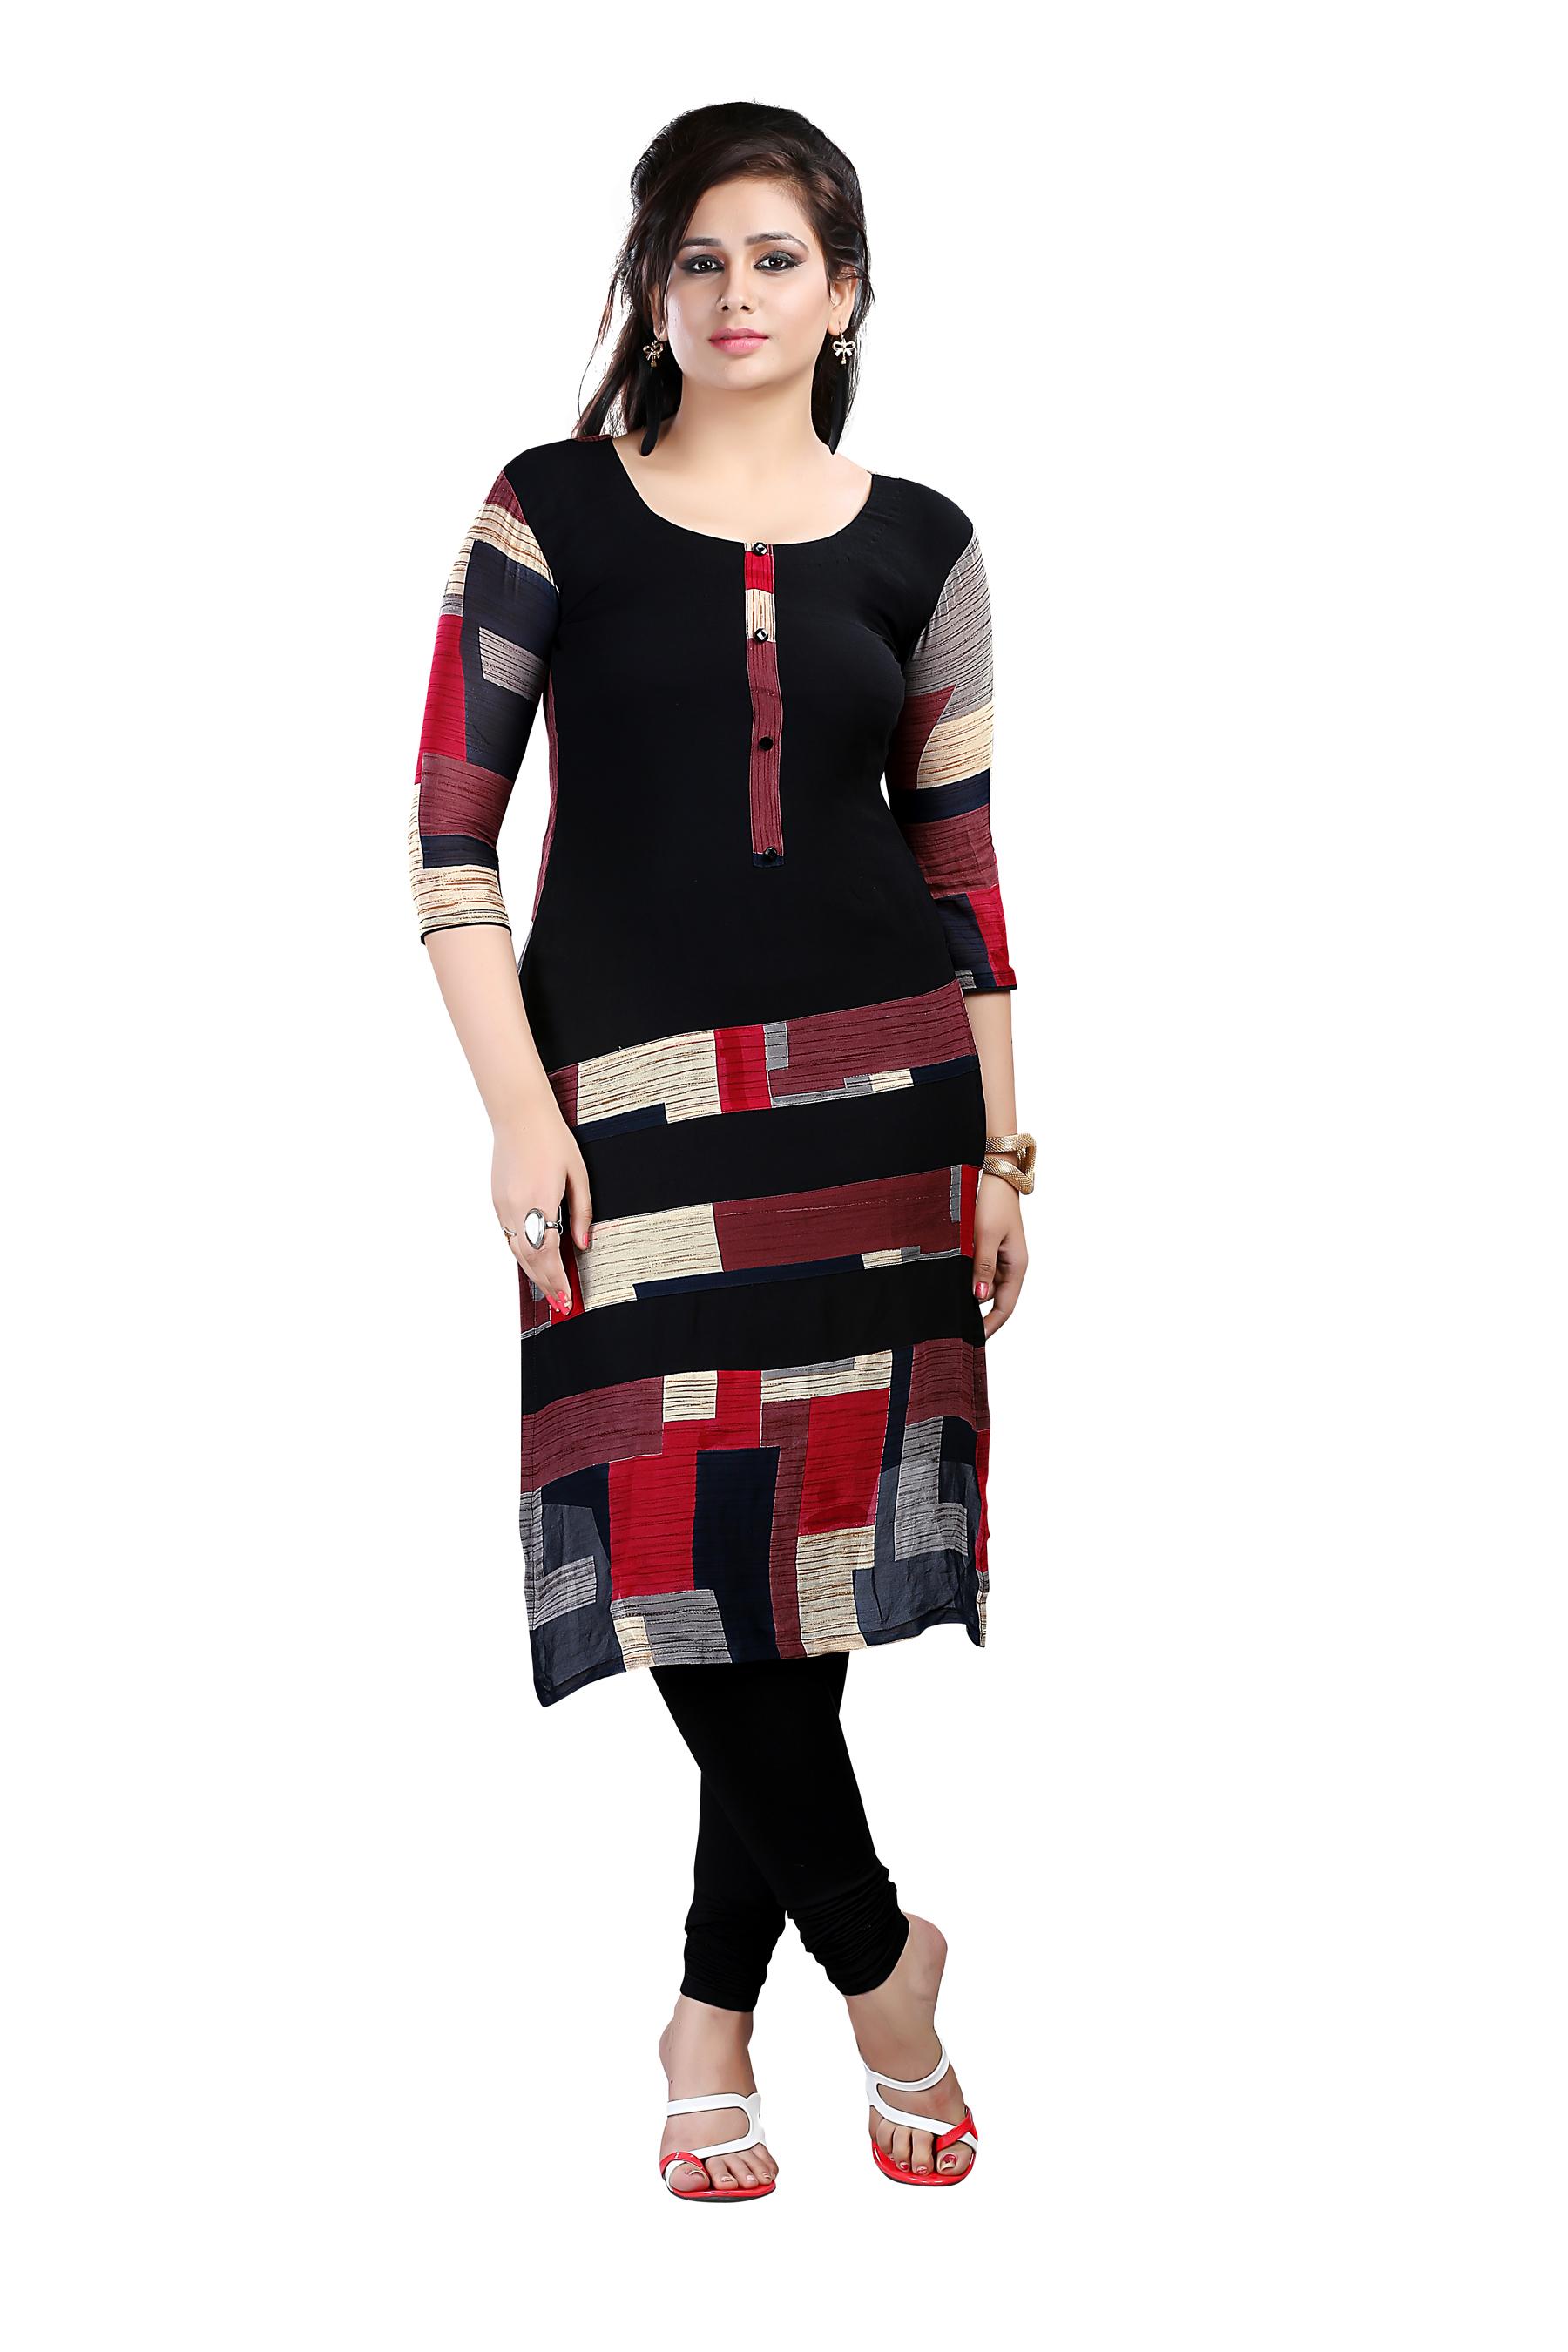 Deals - Gwalior - Ziyaa <br> Kurtis<br> Category - clothing<br> Business - Flipkart.com